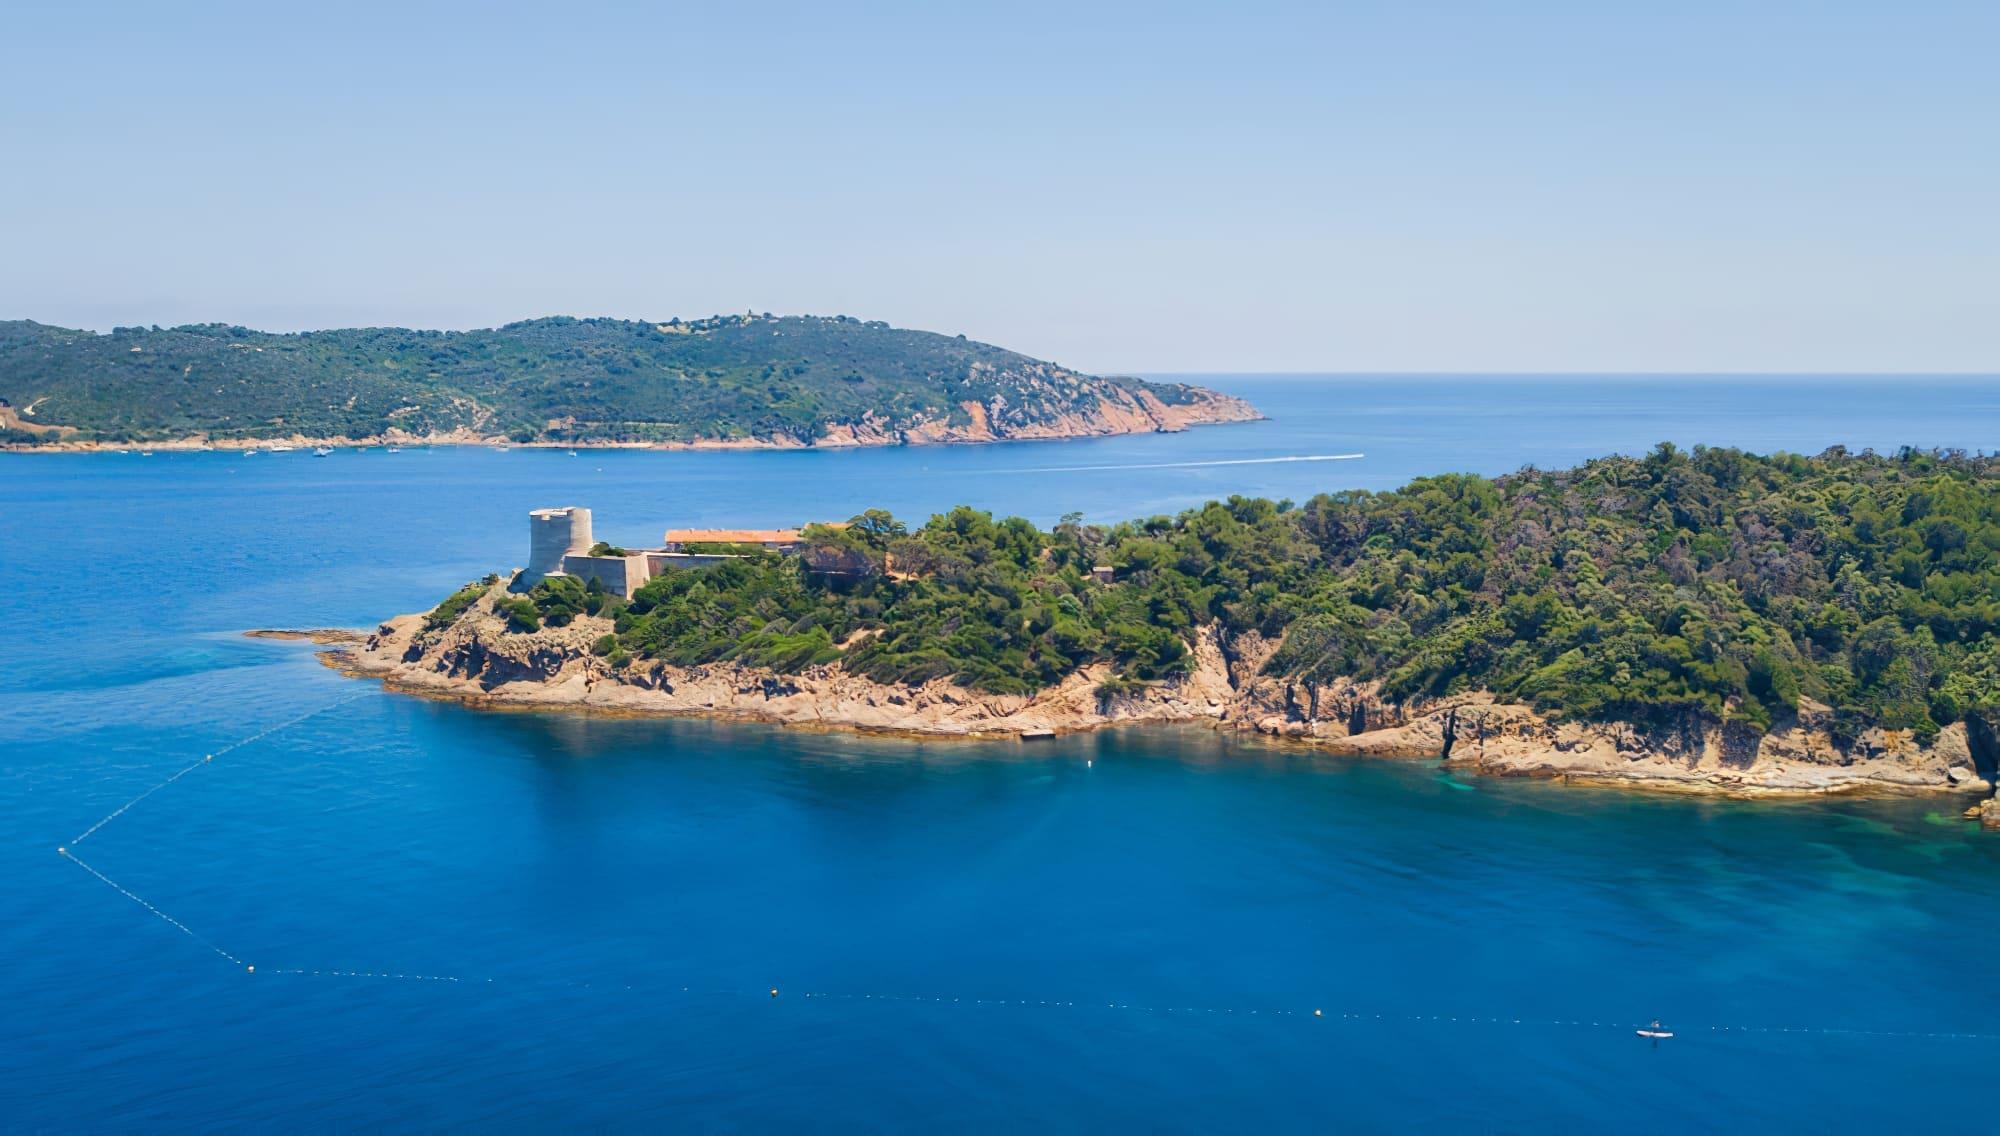 Les 12 plus belles îles françaises